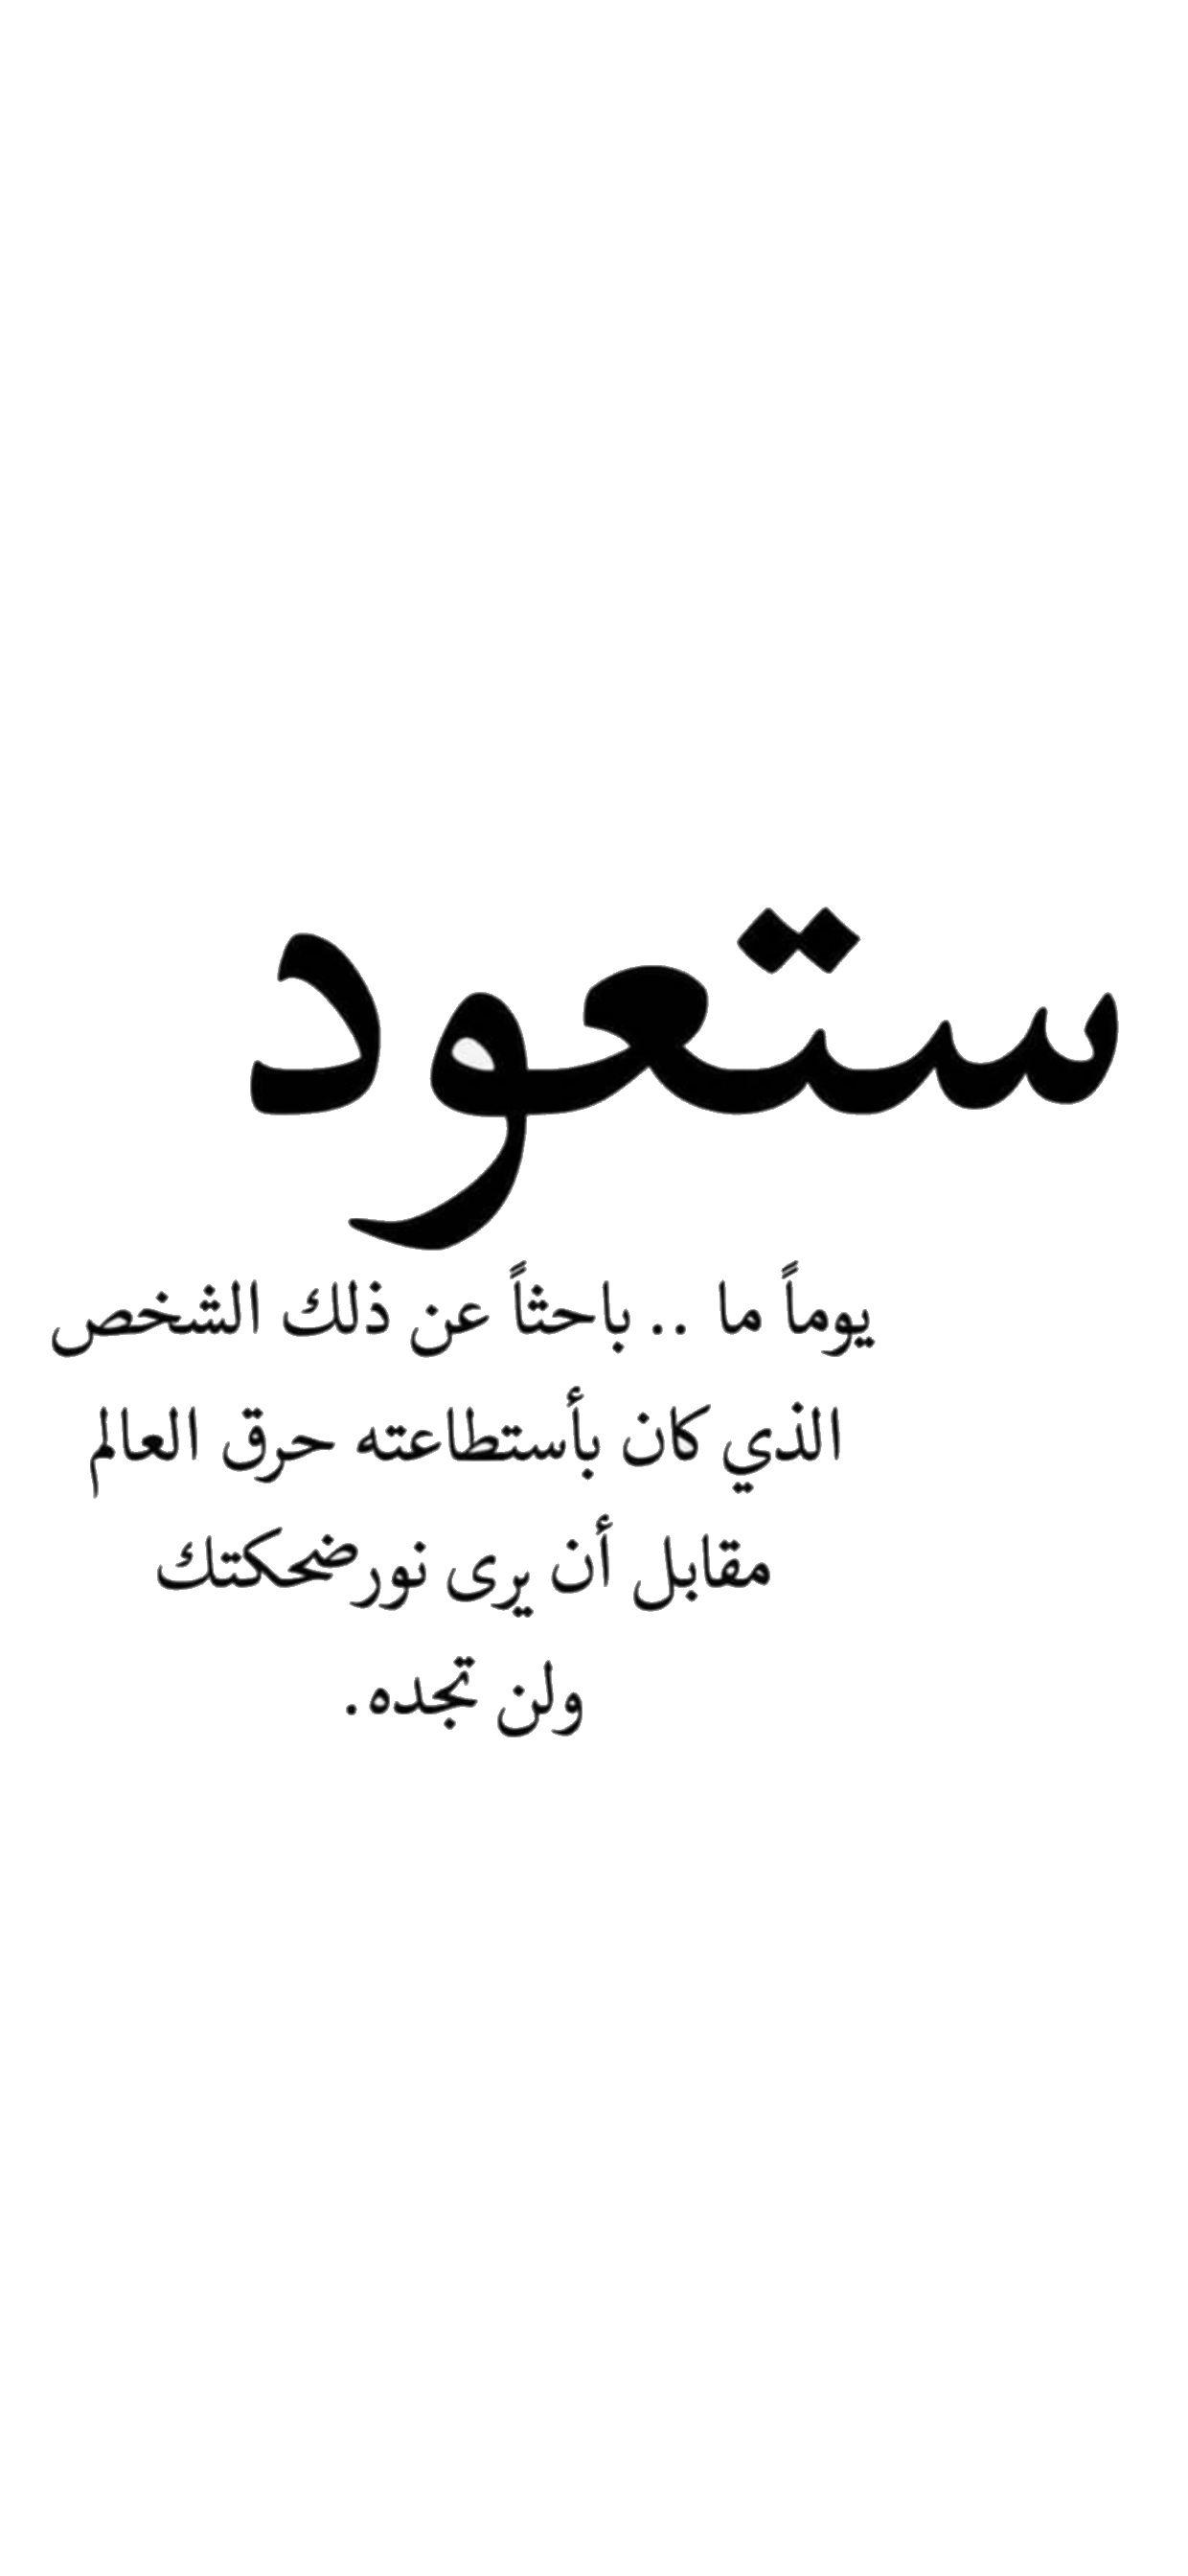 السعوديه الخليج رمضان الشرق الأوسط سناب كويت فايروس كورونا تصميم شعار لوقو دعاء In 2021 Calligraphy Arabic Calligraphy